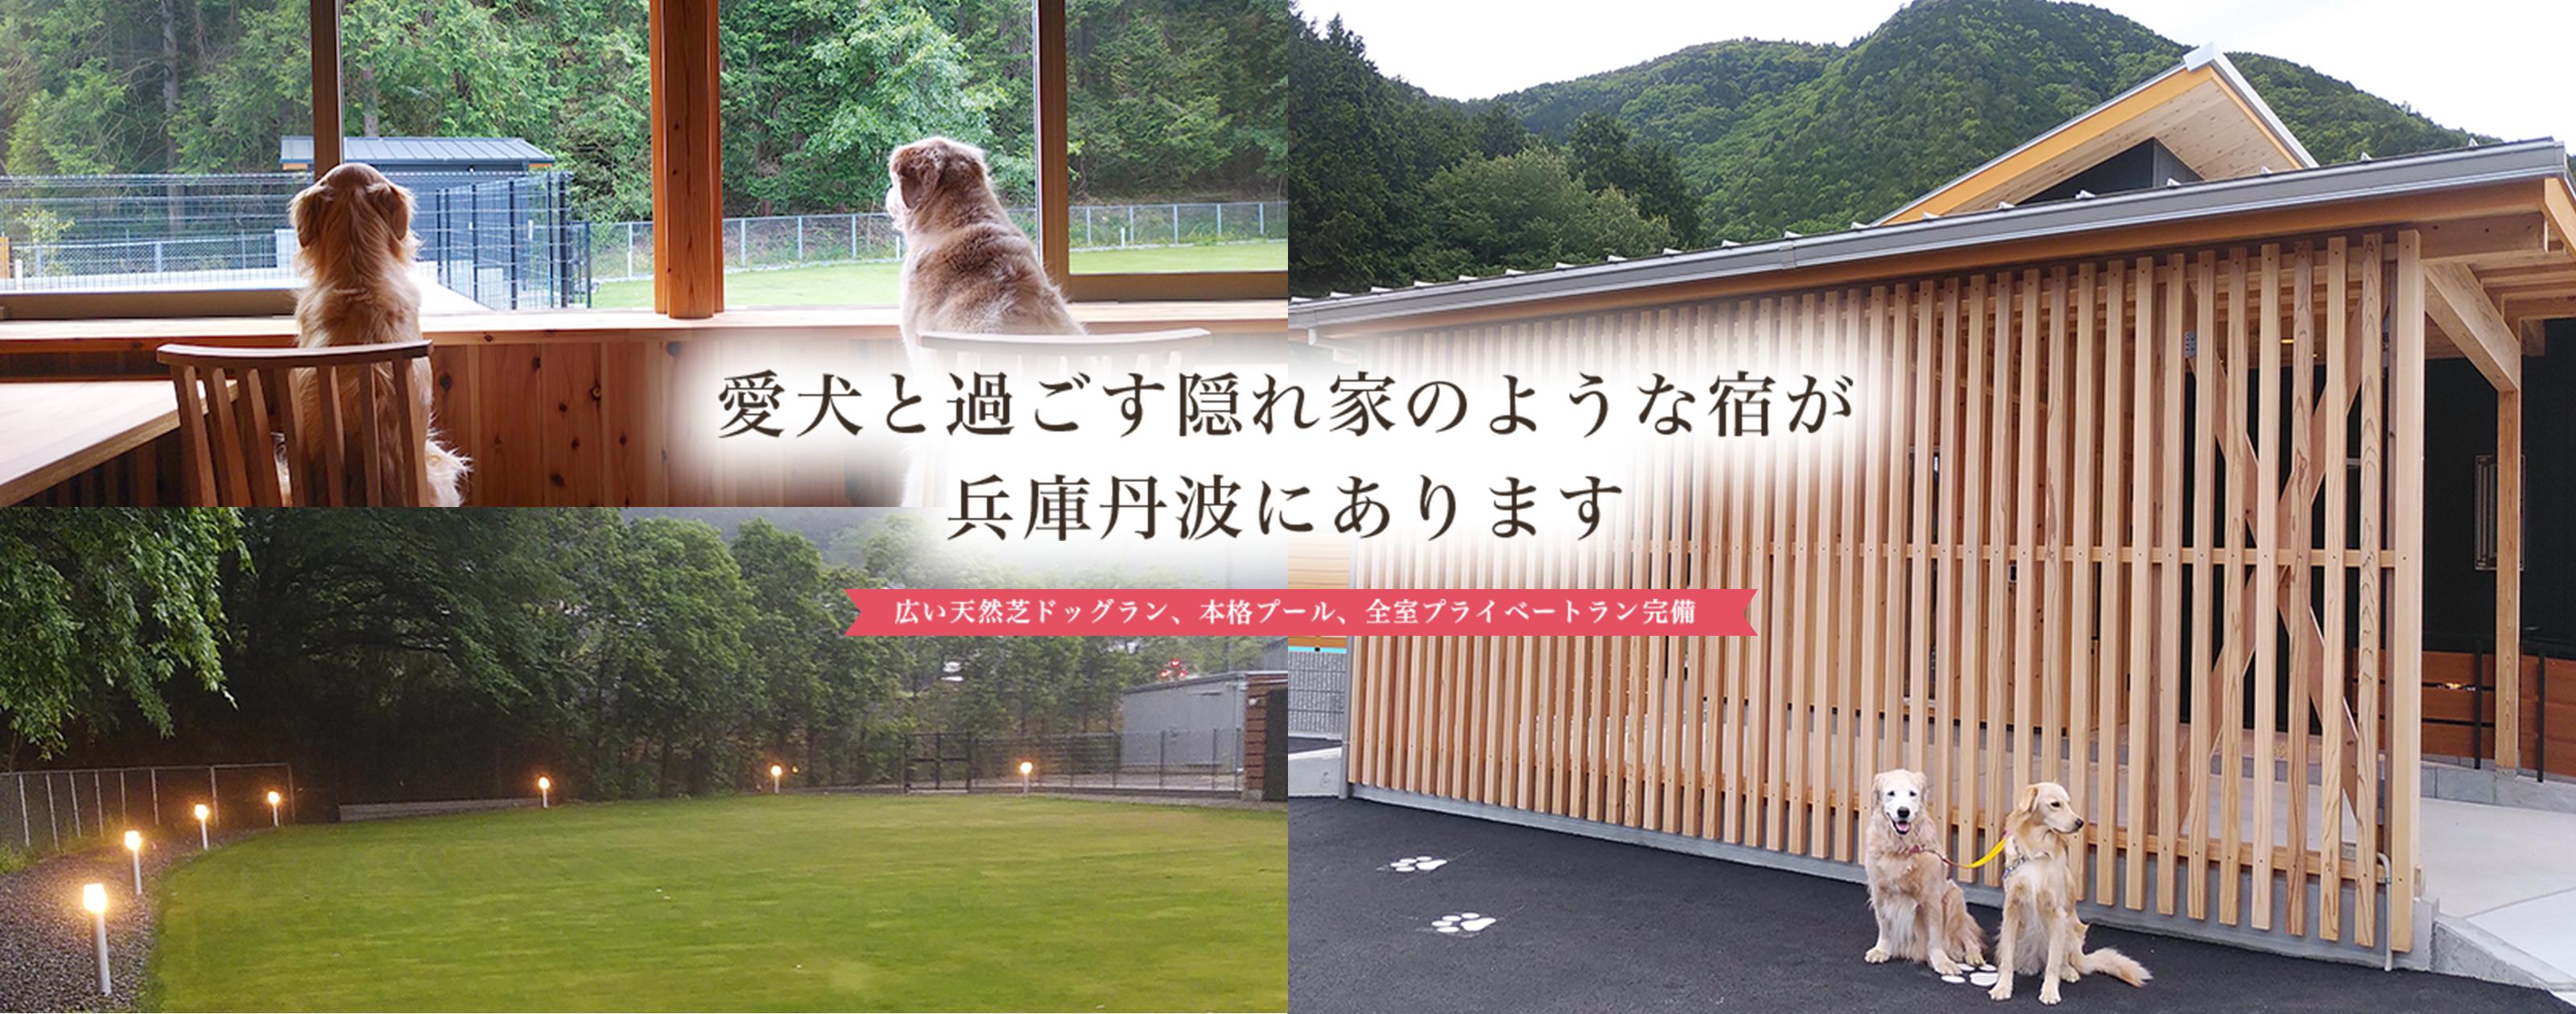 愛犬と過ごす隠れ家のような宿が兵庫丹波にあります 広い天然芝ドッグラン、本格プール、全室プライベートラン完備